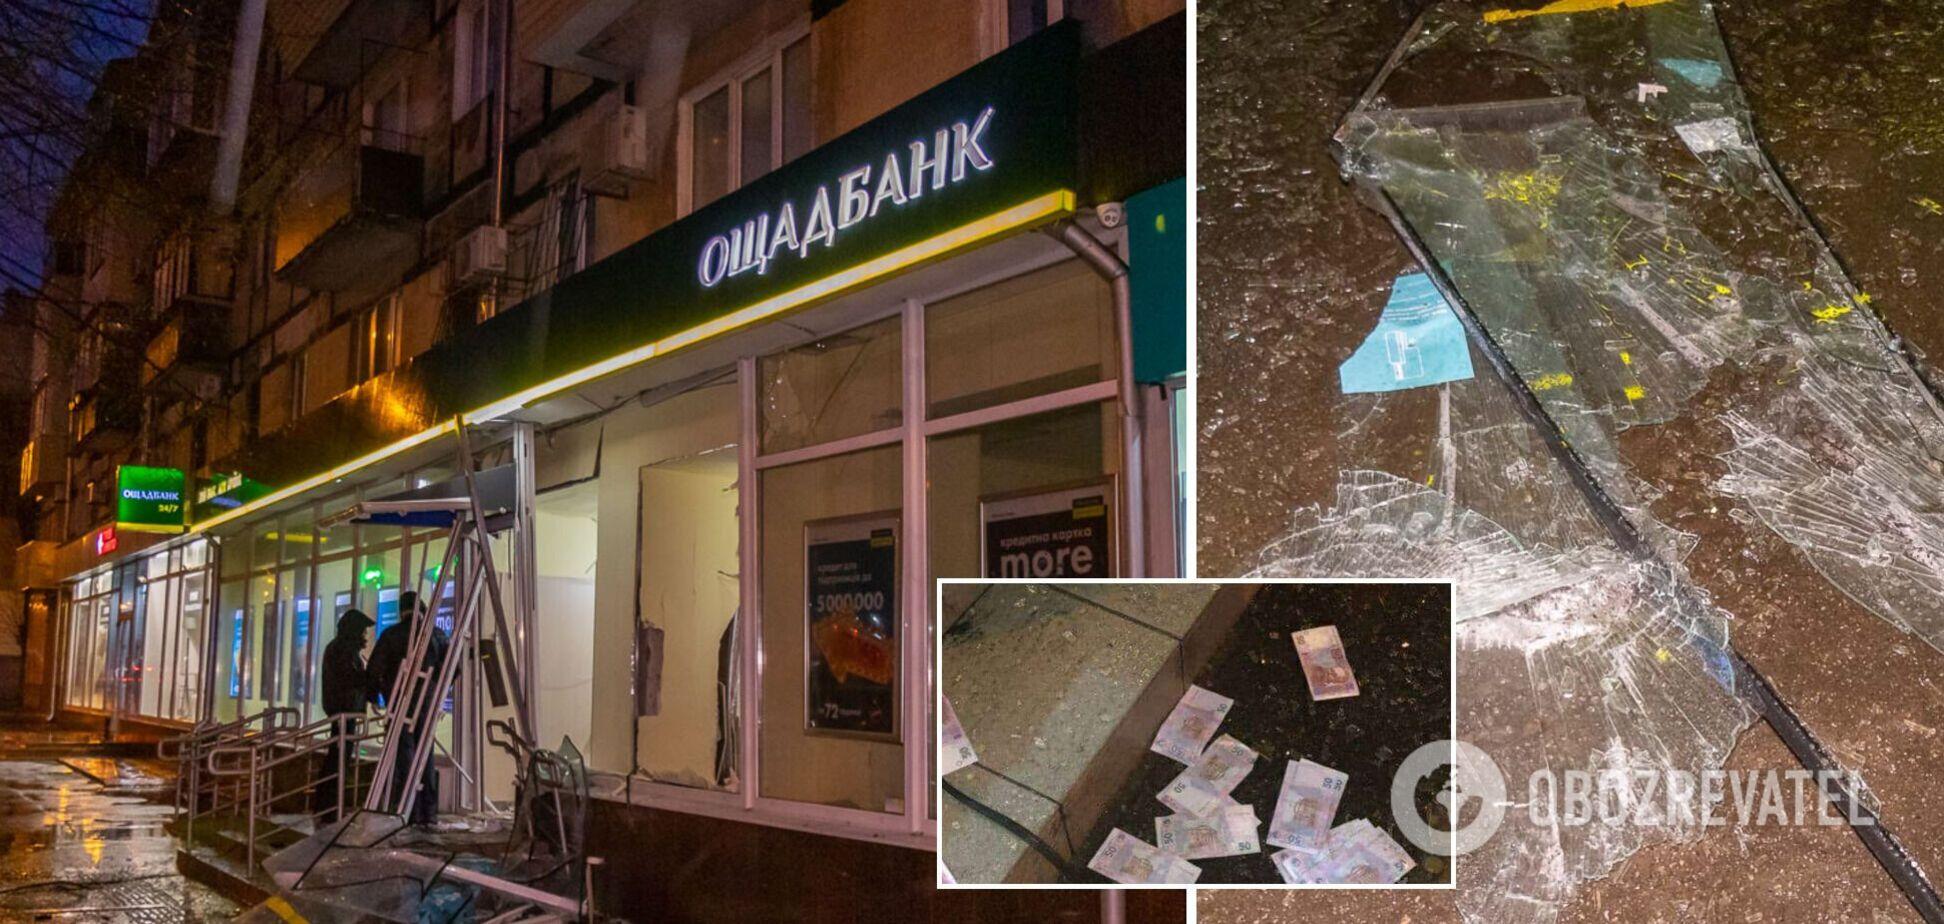 В Днепре ночью взорвали банкомат и украли деньги. Фото